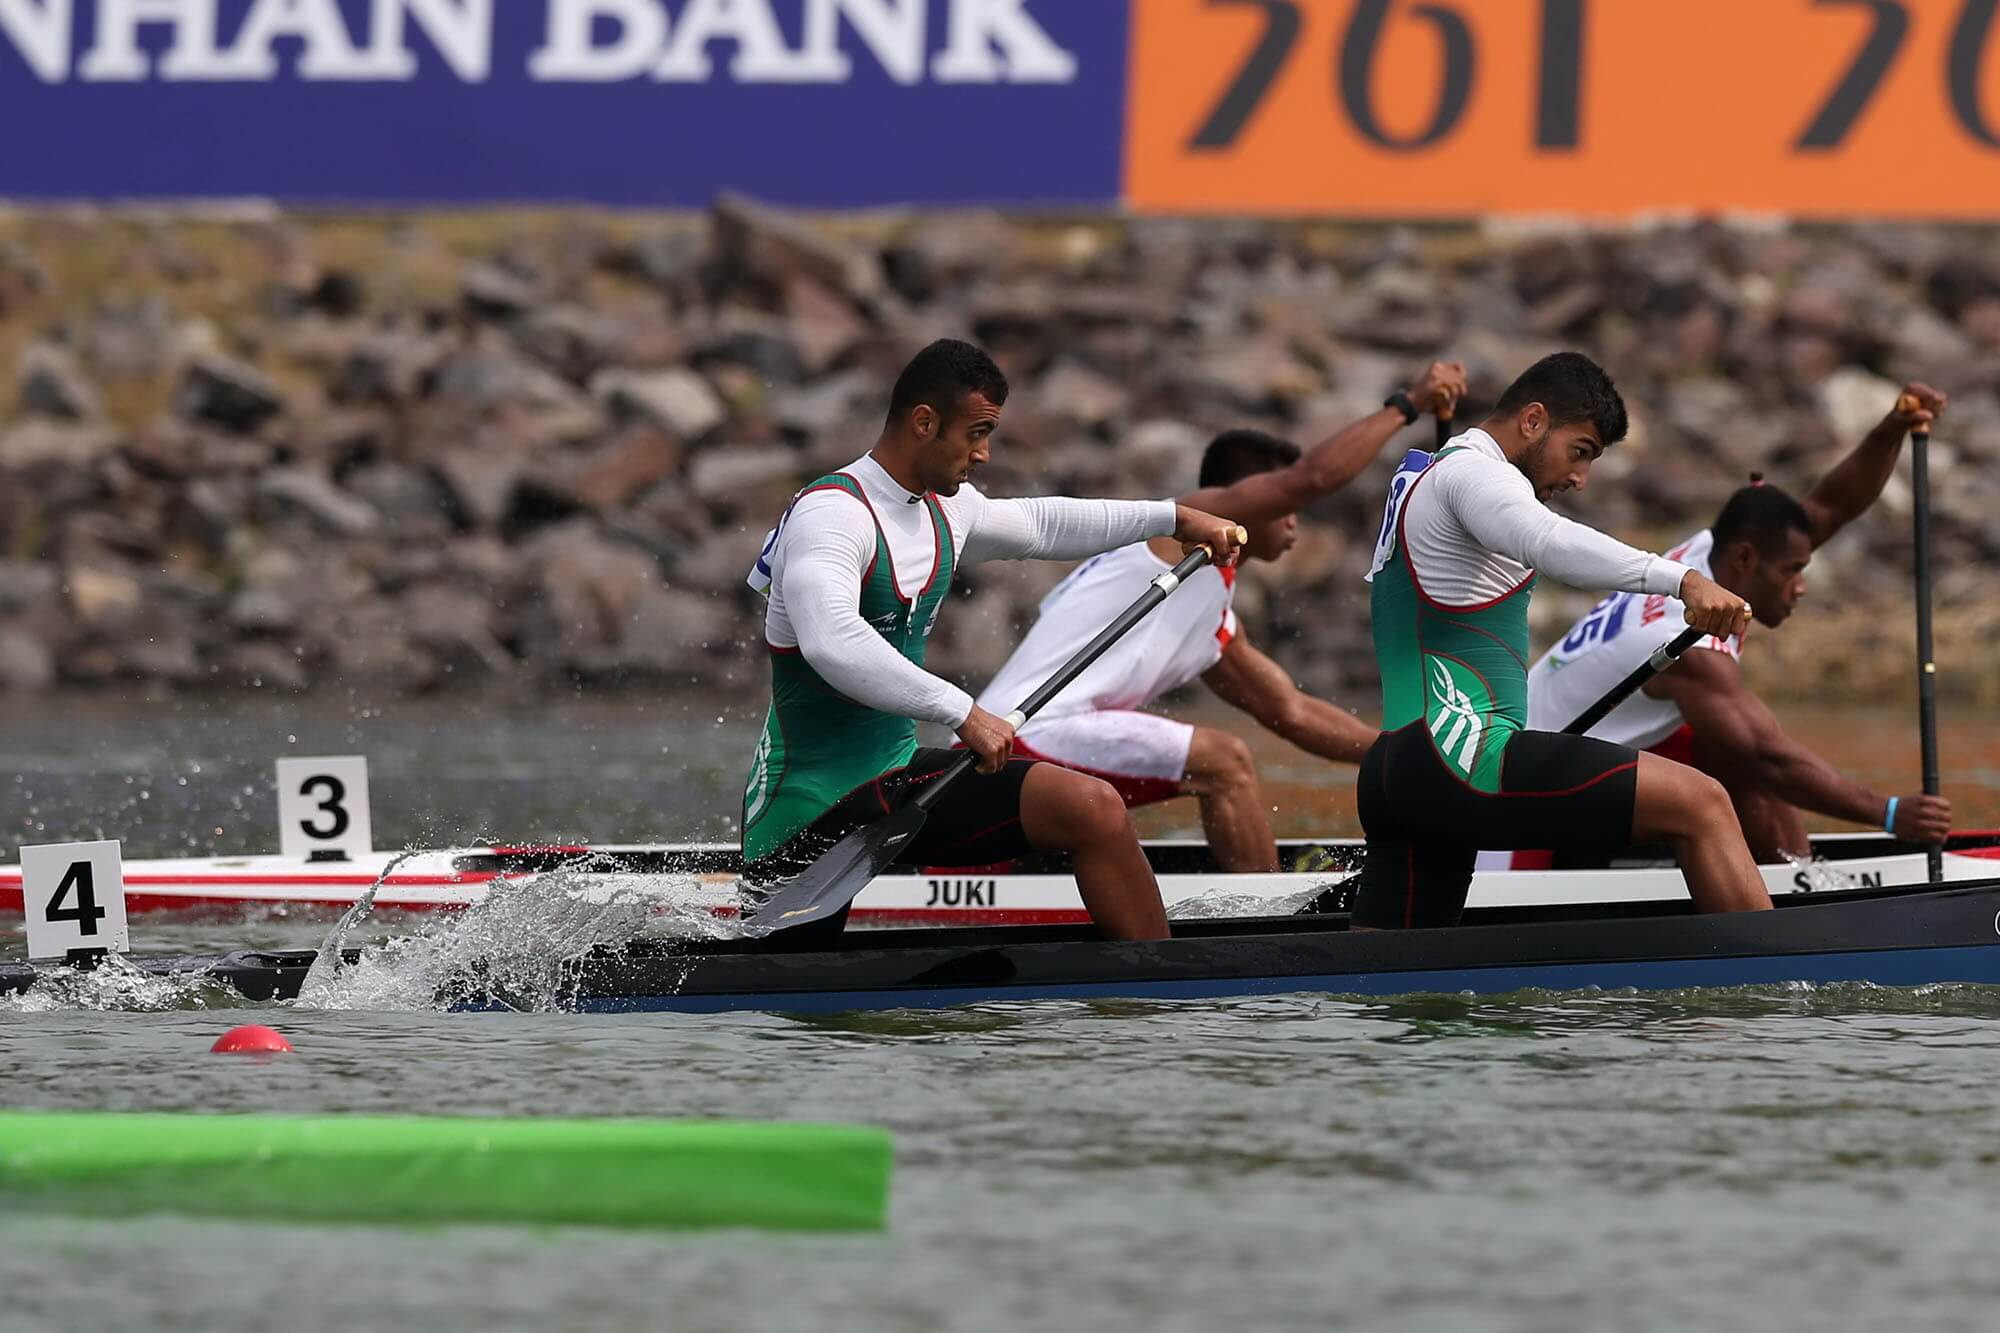 سهمیه المپیک قایقرانی مسیر زندگیام را تغییر خواهد داد